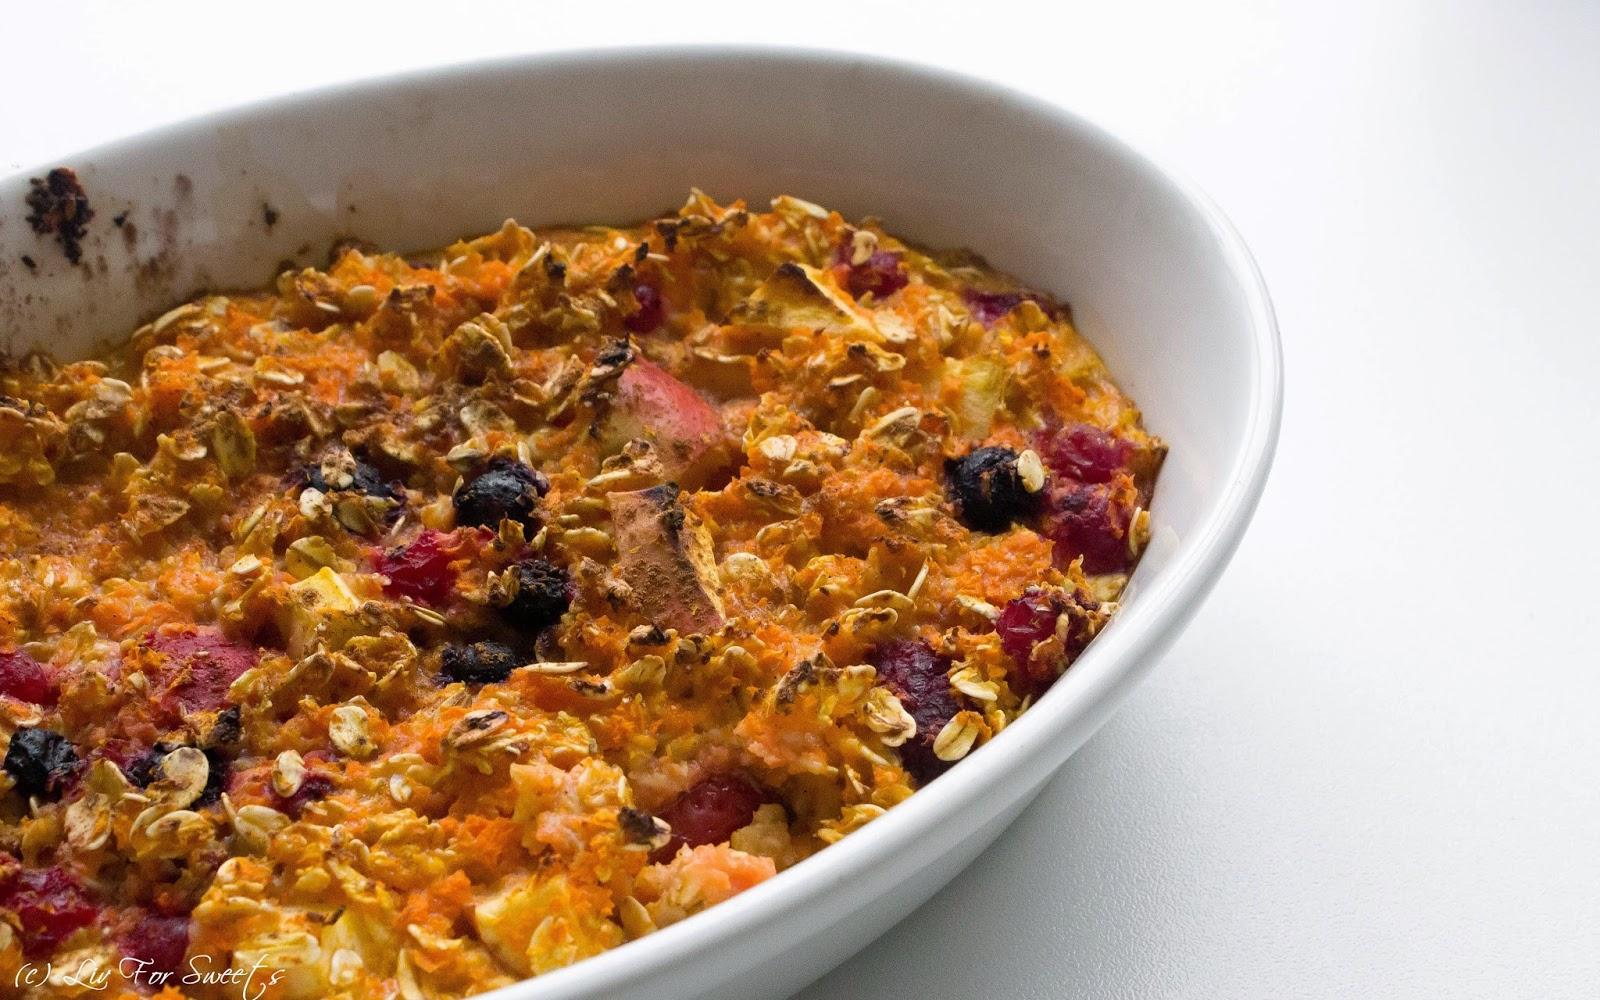 gebackene Haferflocken mit geraspelter Karotte, Apfel, Beeren und Sojadrink, Pflanzenmilch, vegan Frühstück, Thermomix, Rezept